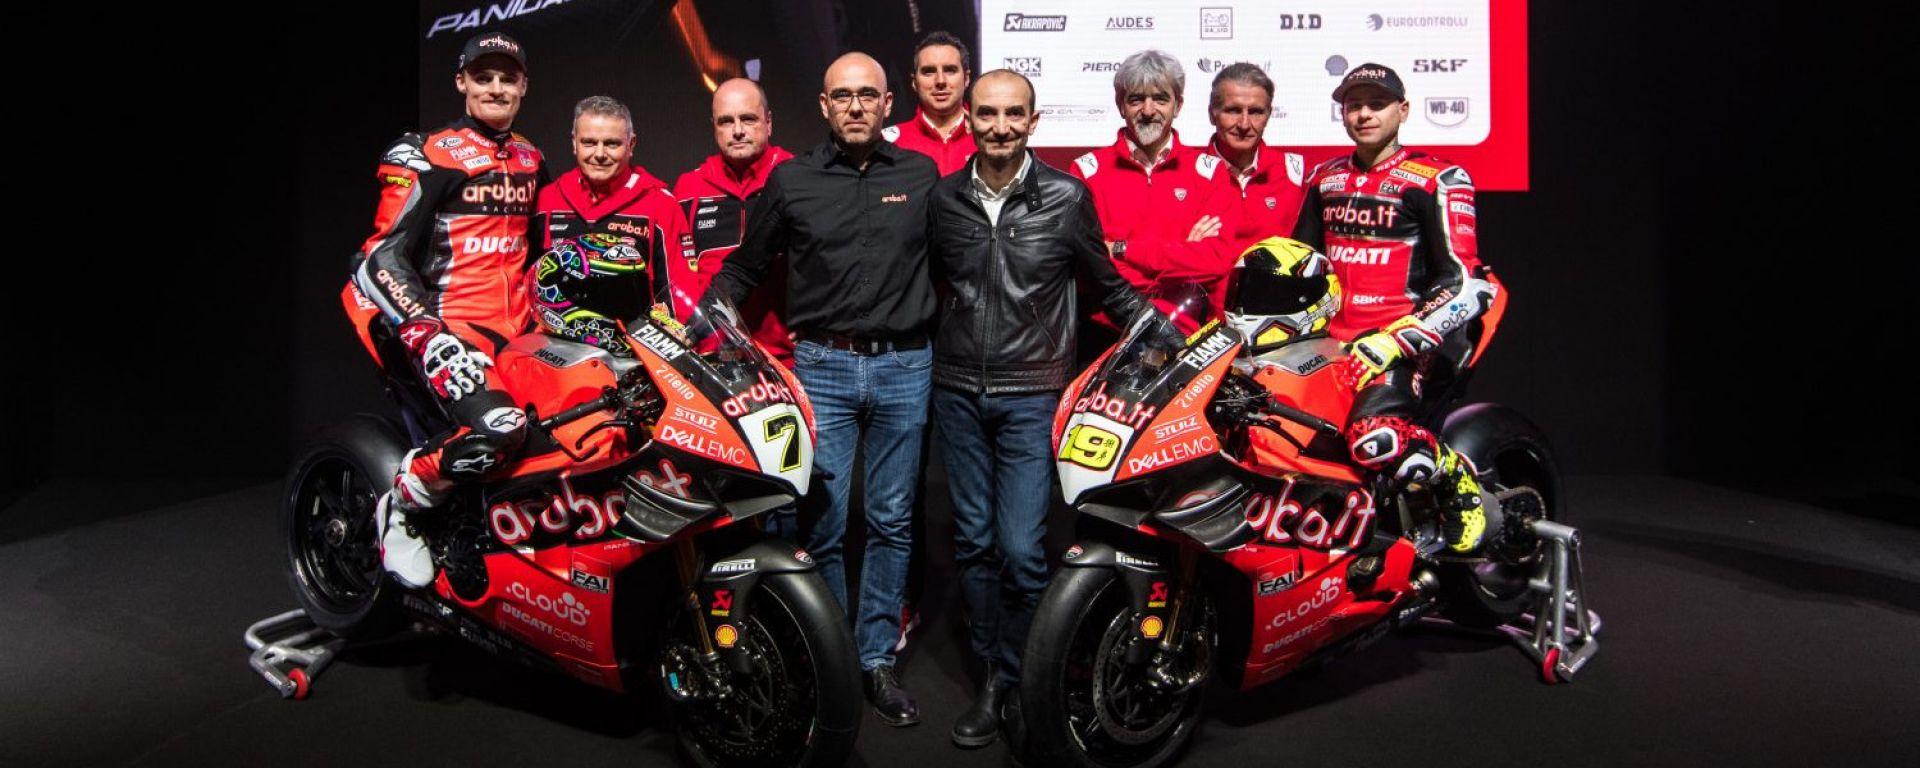 Presentata la nuova Ducati Panigale VR-4 del team aruba.it